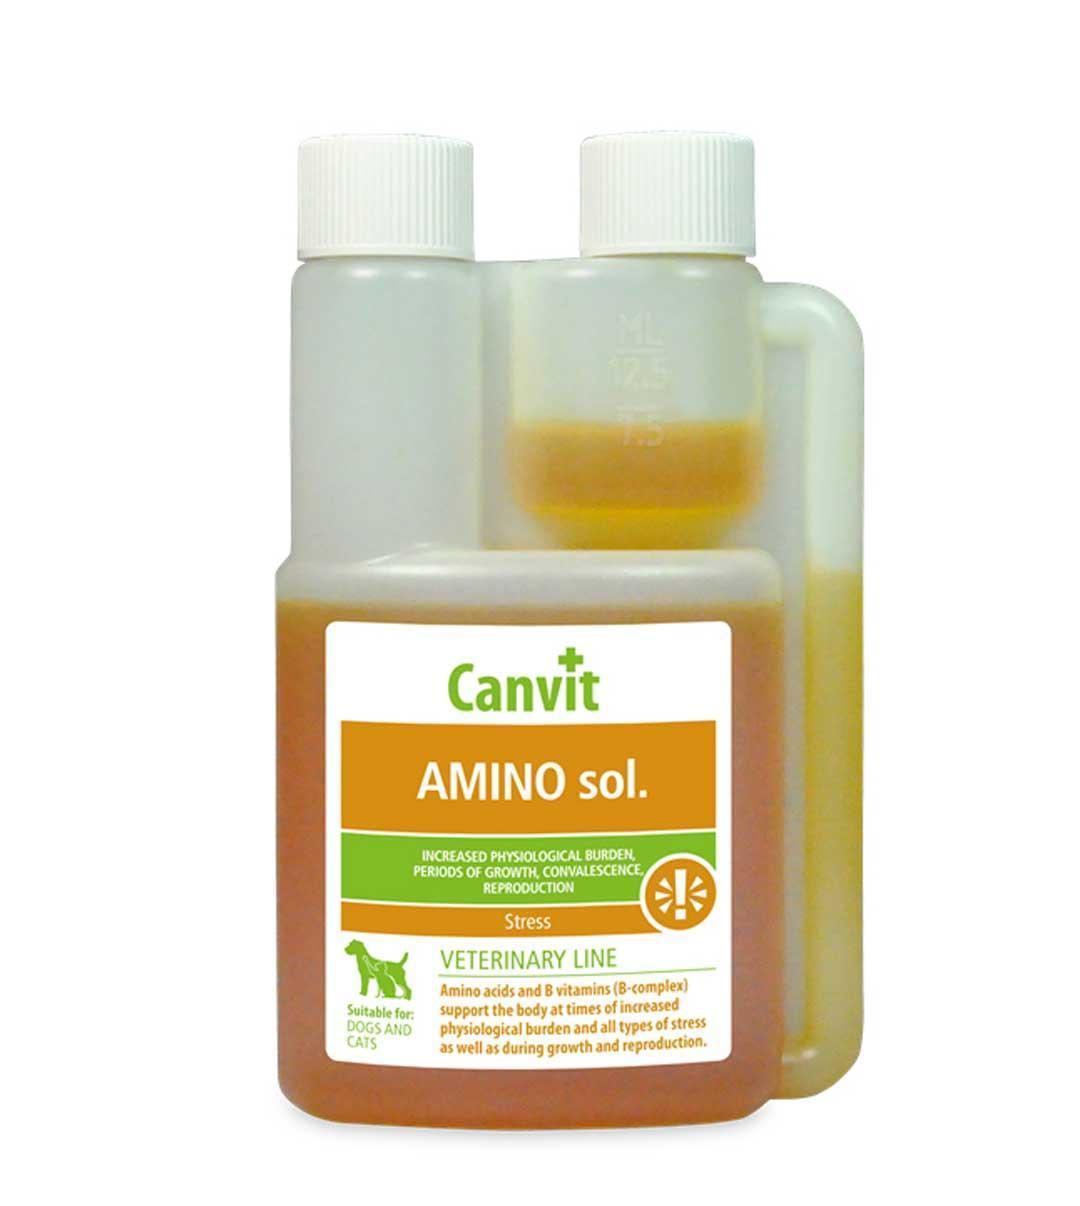 Аминосол імуномодулятор для всіх видів тварин Aminosol Canvit 250 мл